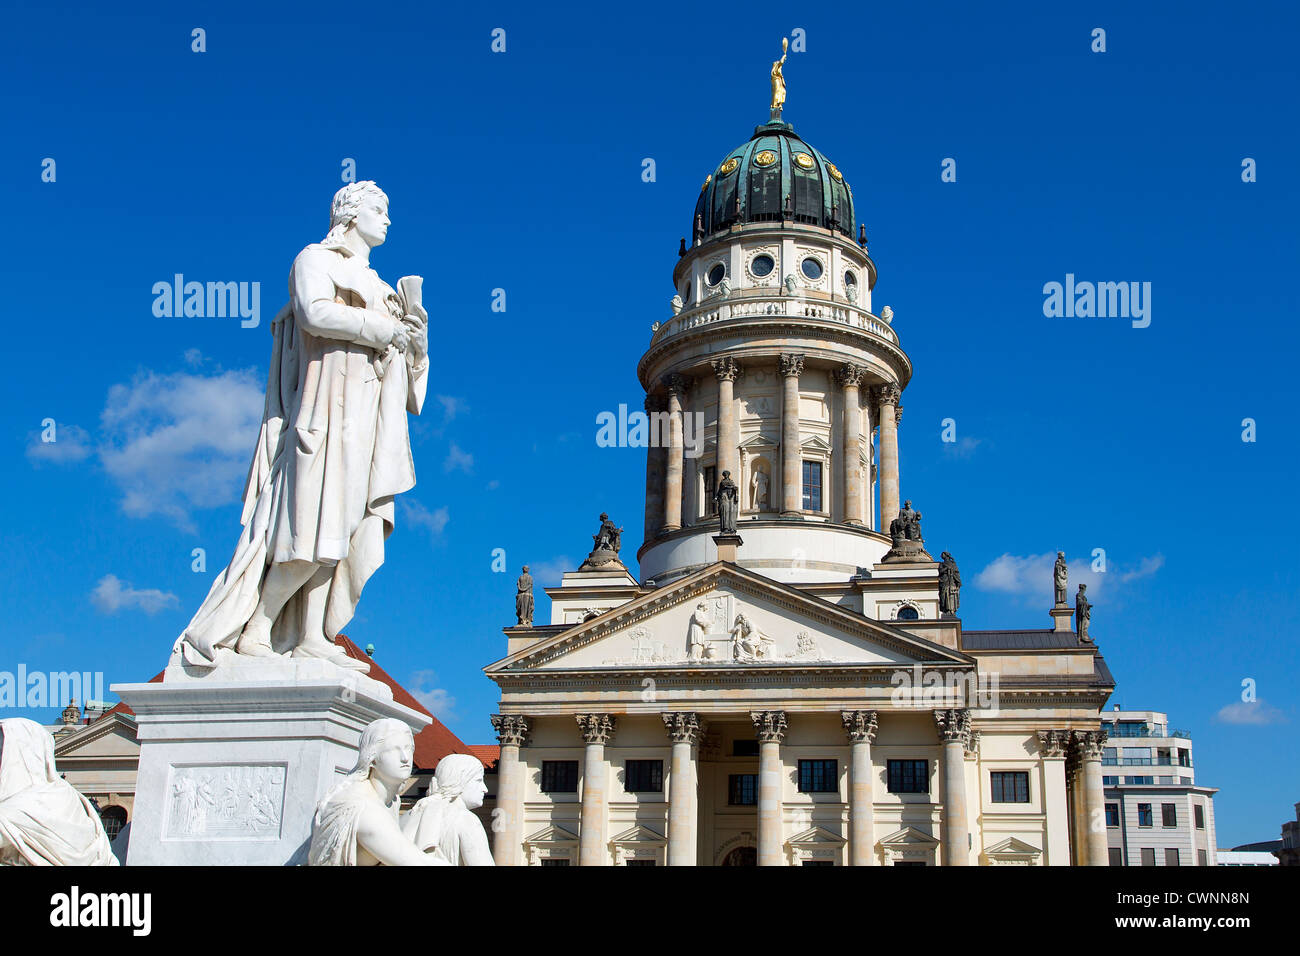 Europe, Germany, Berlin, Statue of Friedrich Schiller in the Gendarmenmarkt - Stock Image